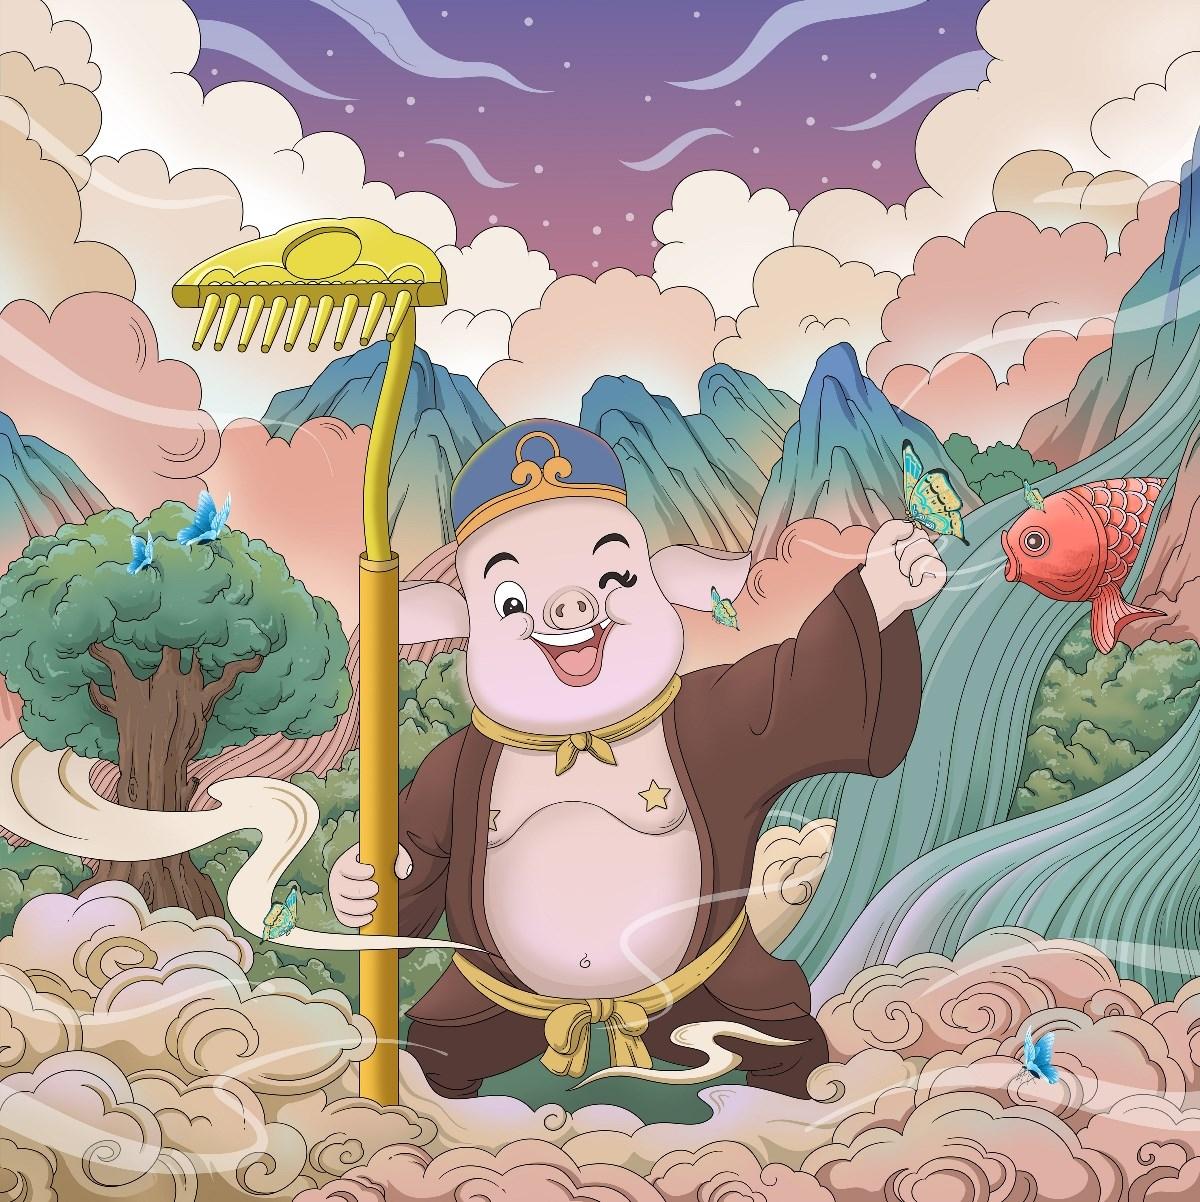 孙悟空与猪八戒插画